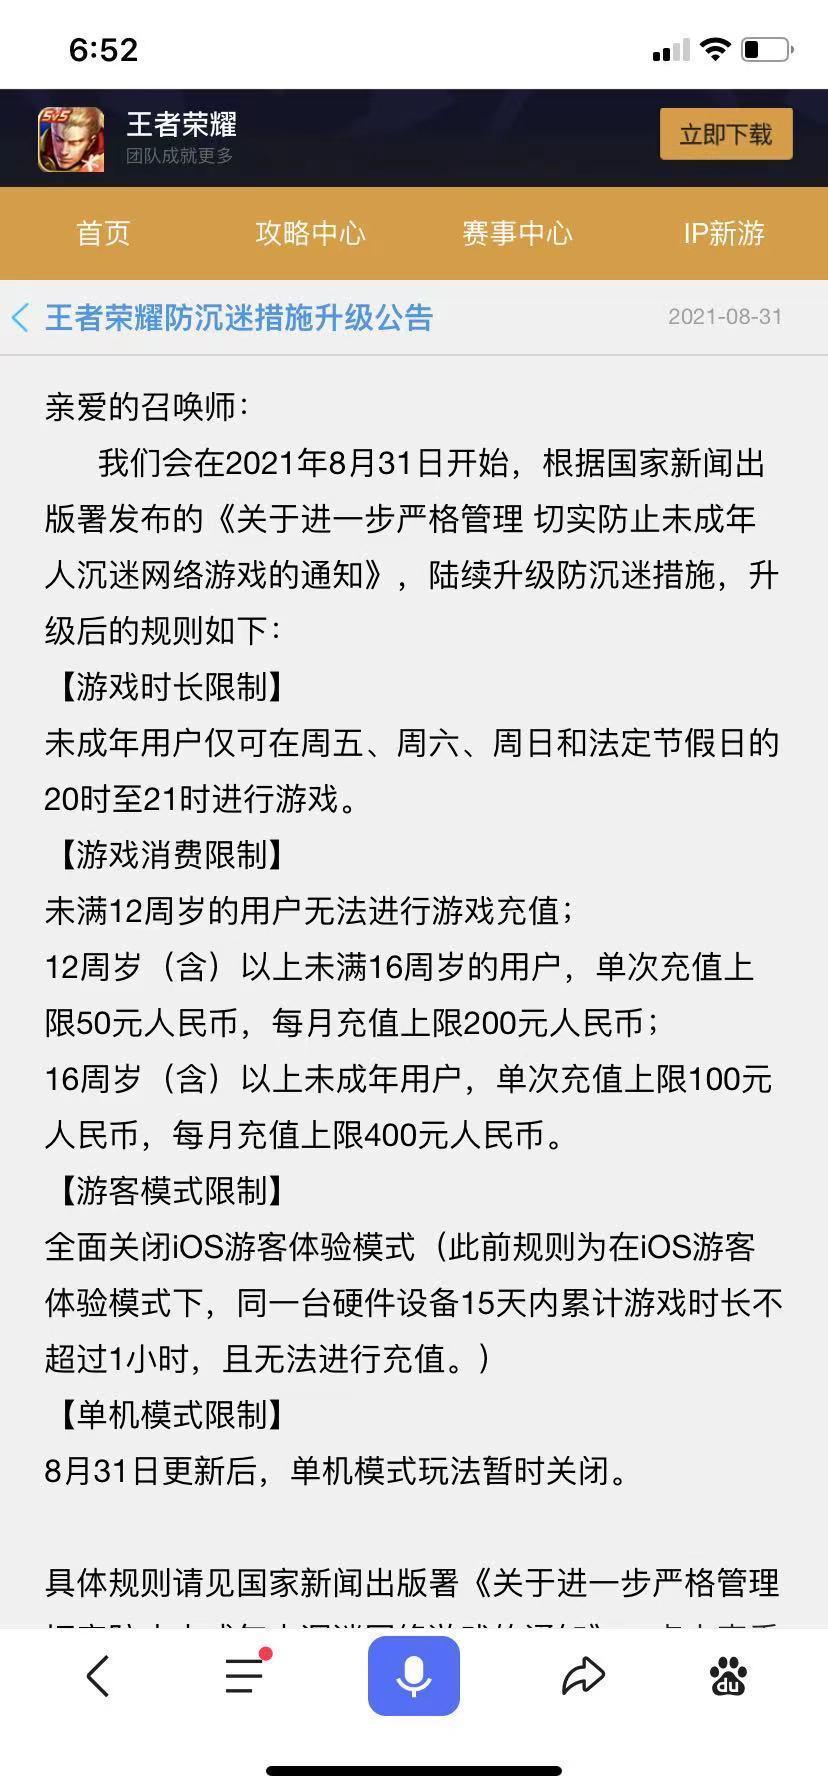 王者荣耀升级防沉迷措施:限制未成年用户游戏时间 单机模式玩法暂时关闭